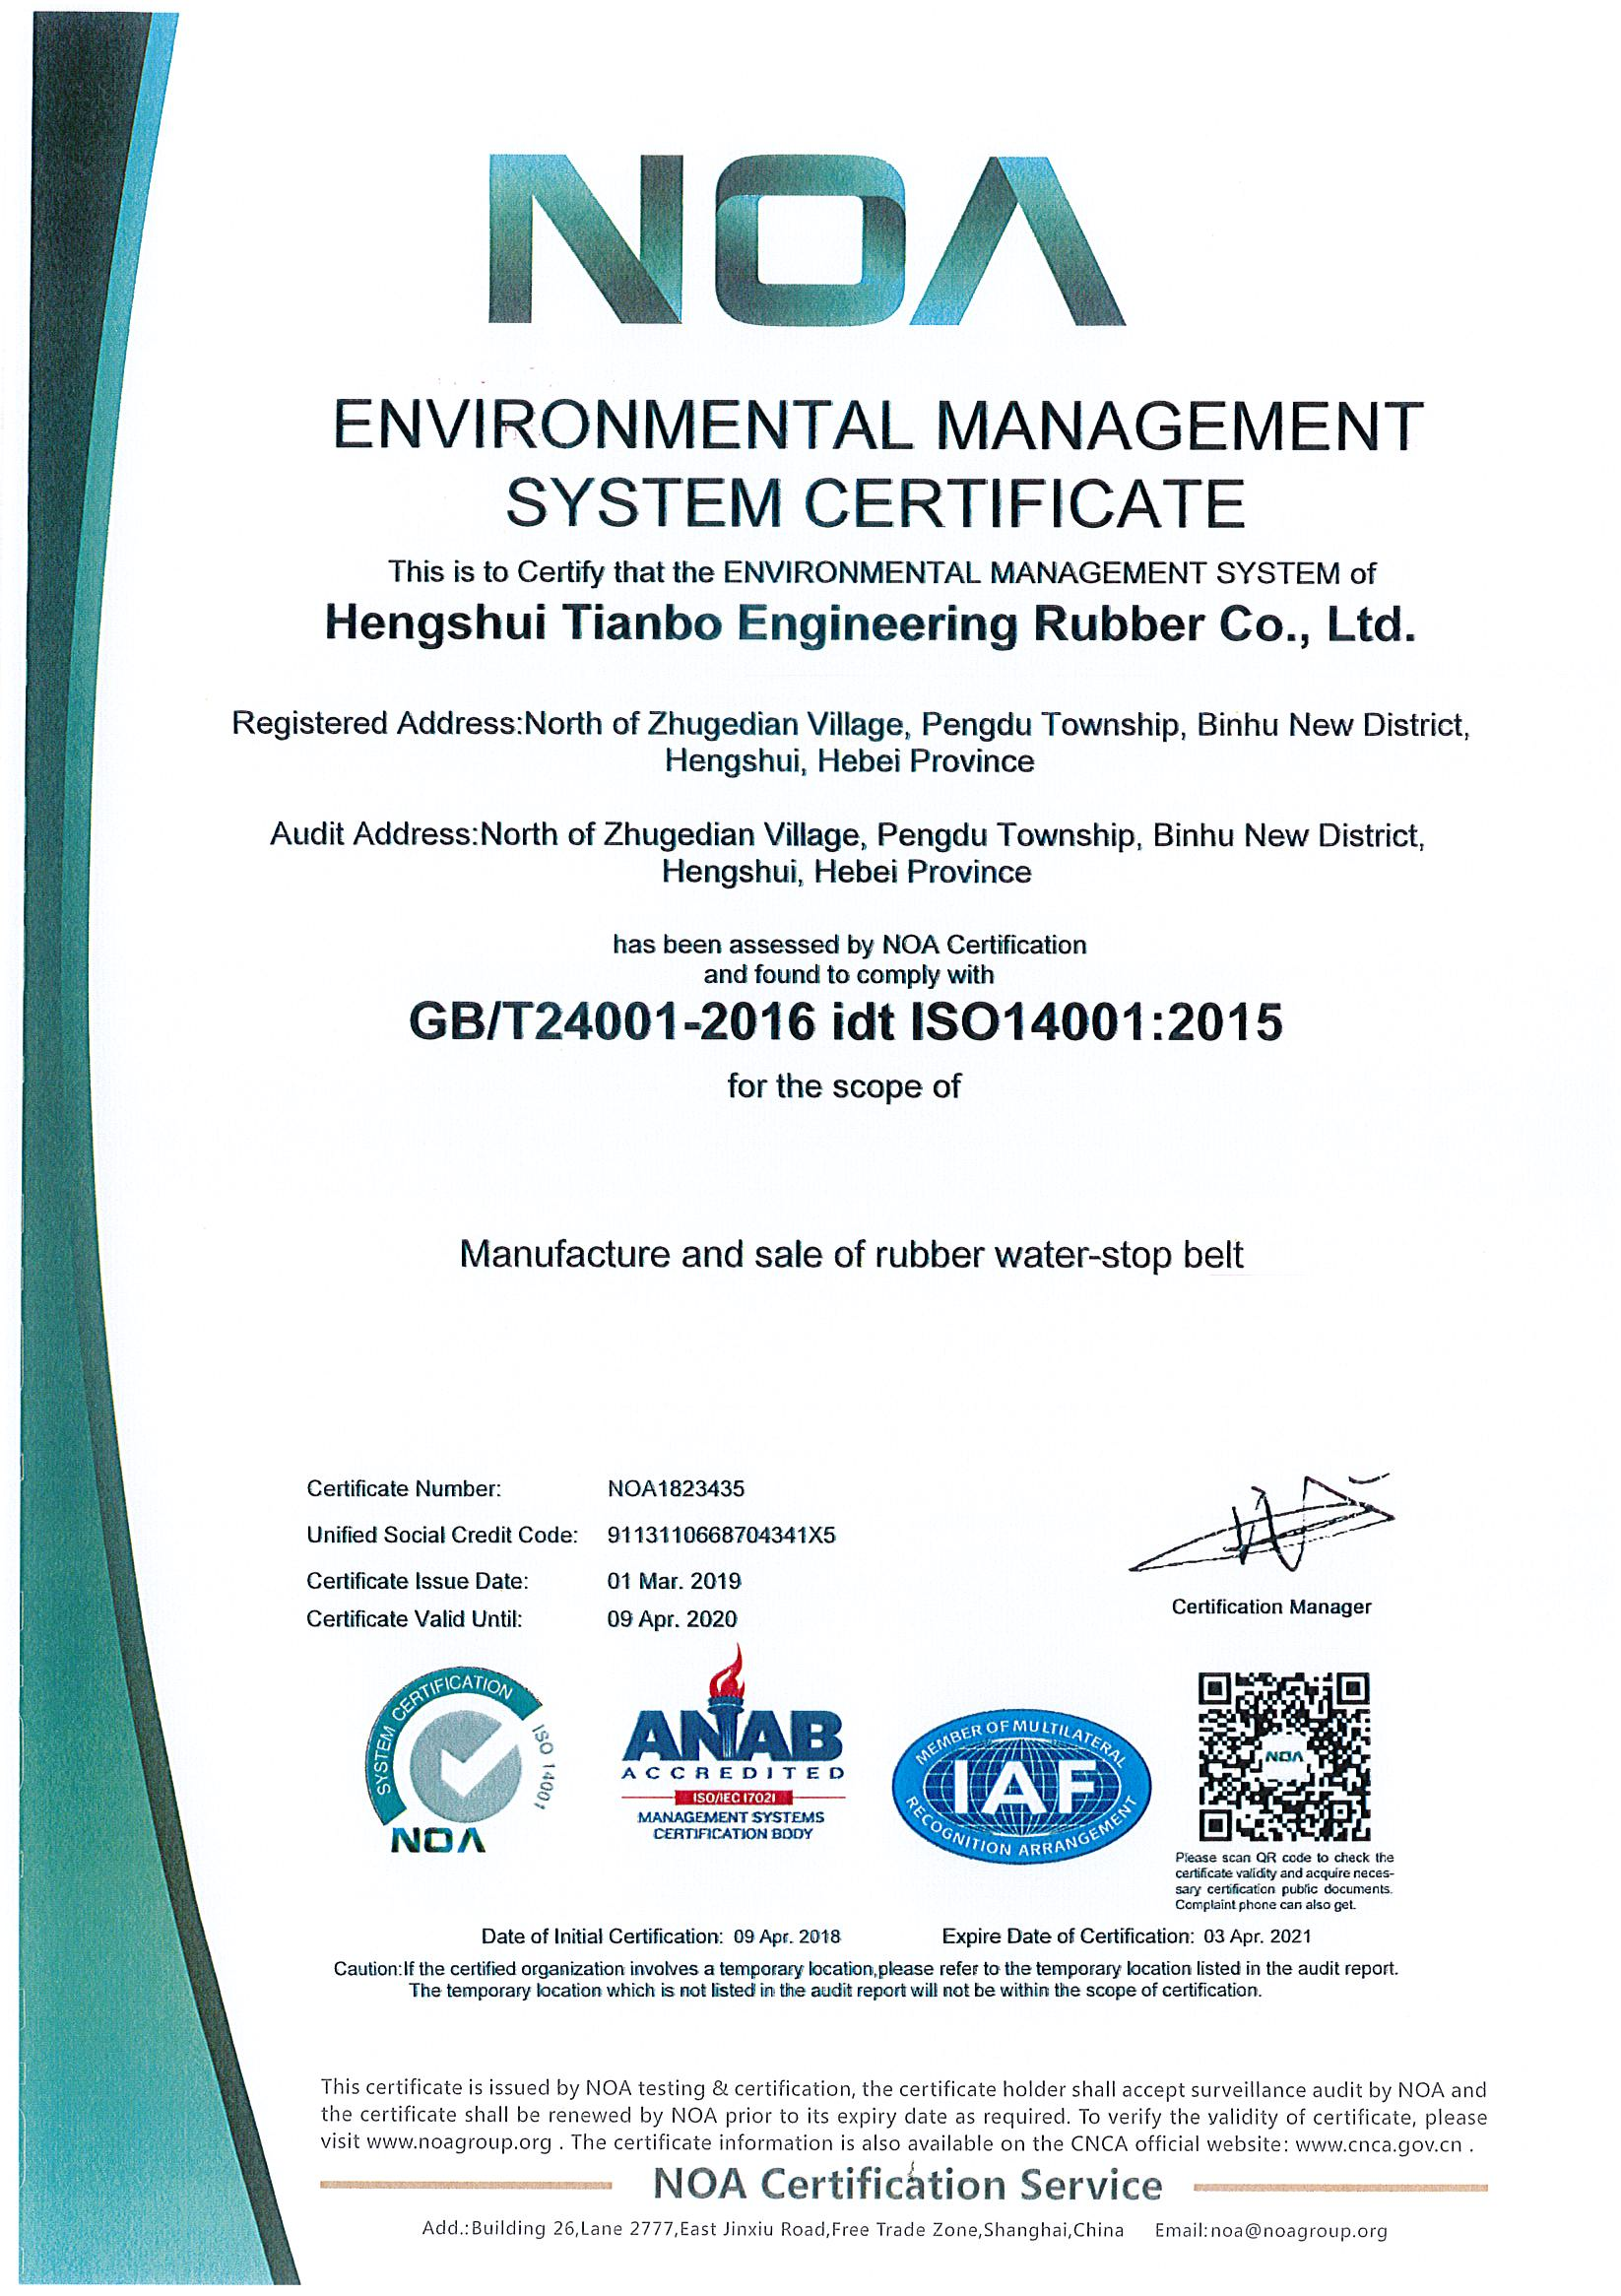 职业健康安全管理体系认证证书 英文版